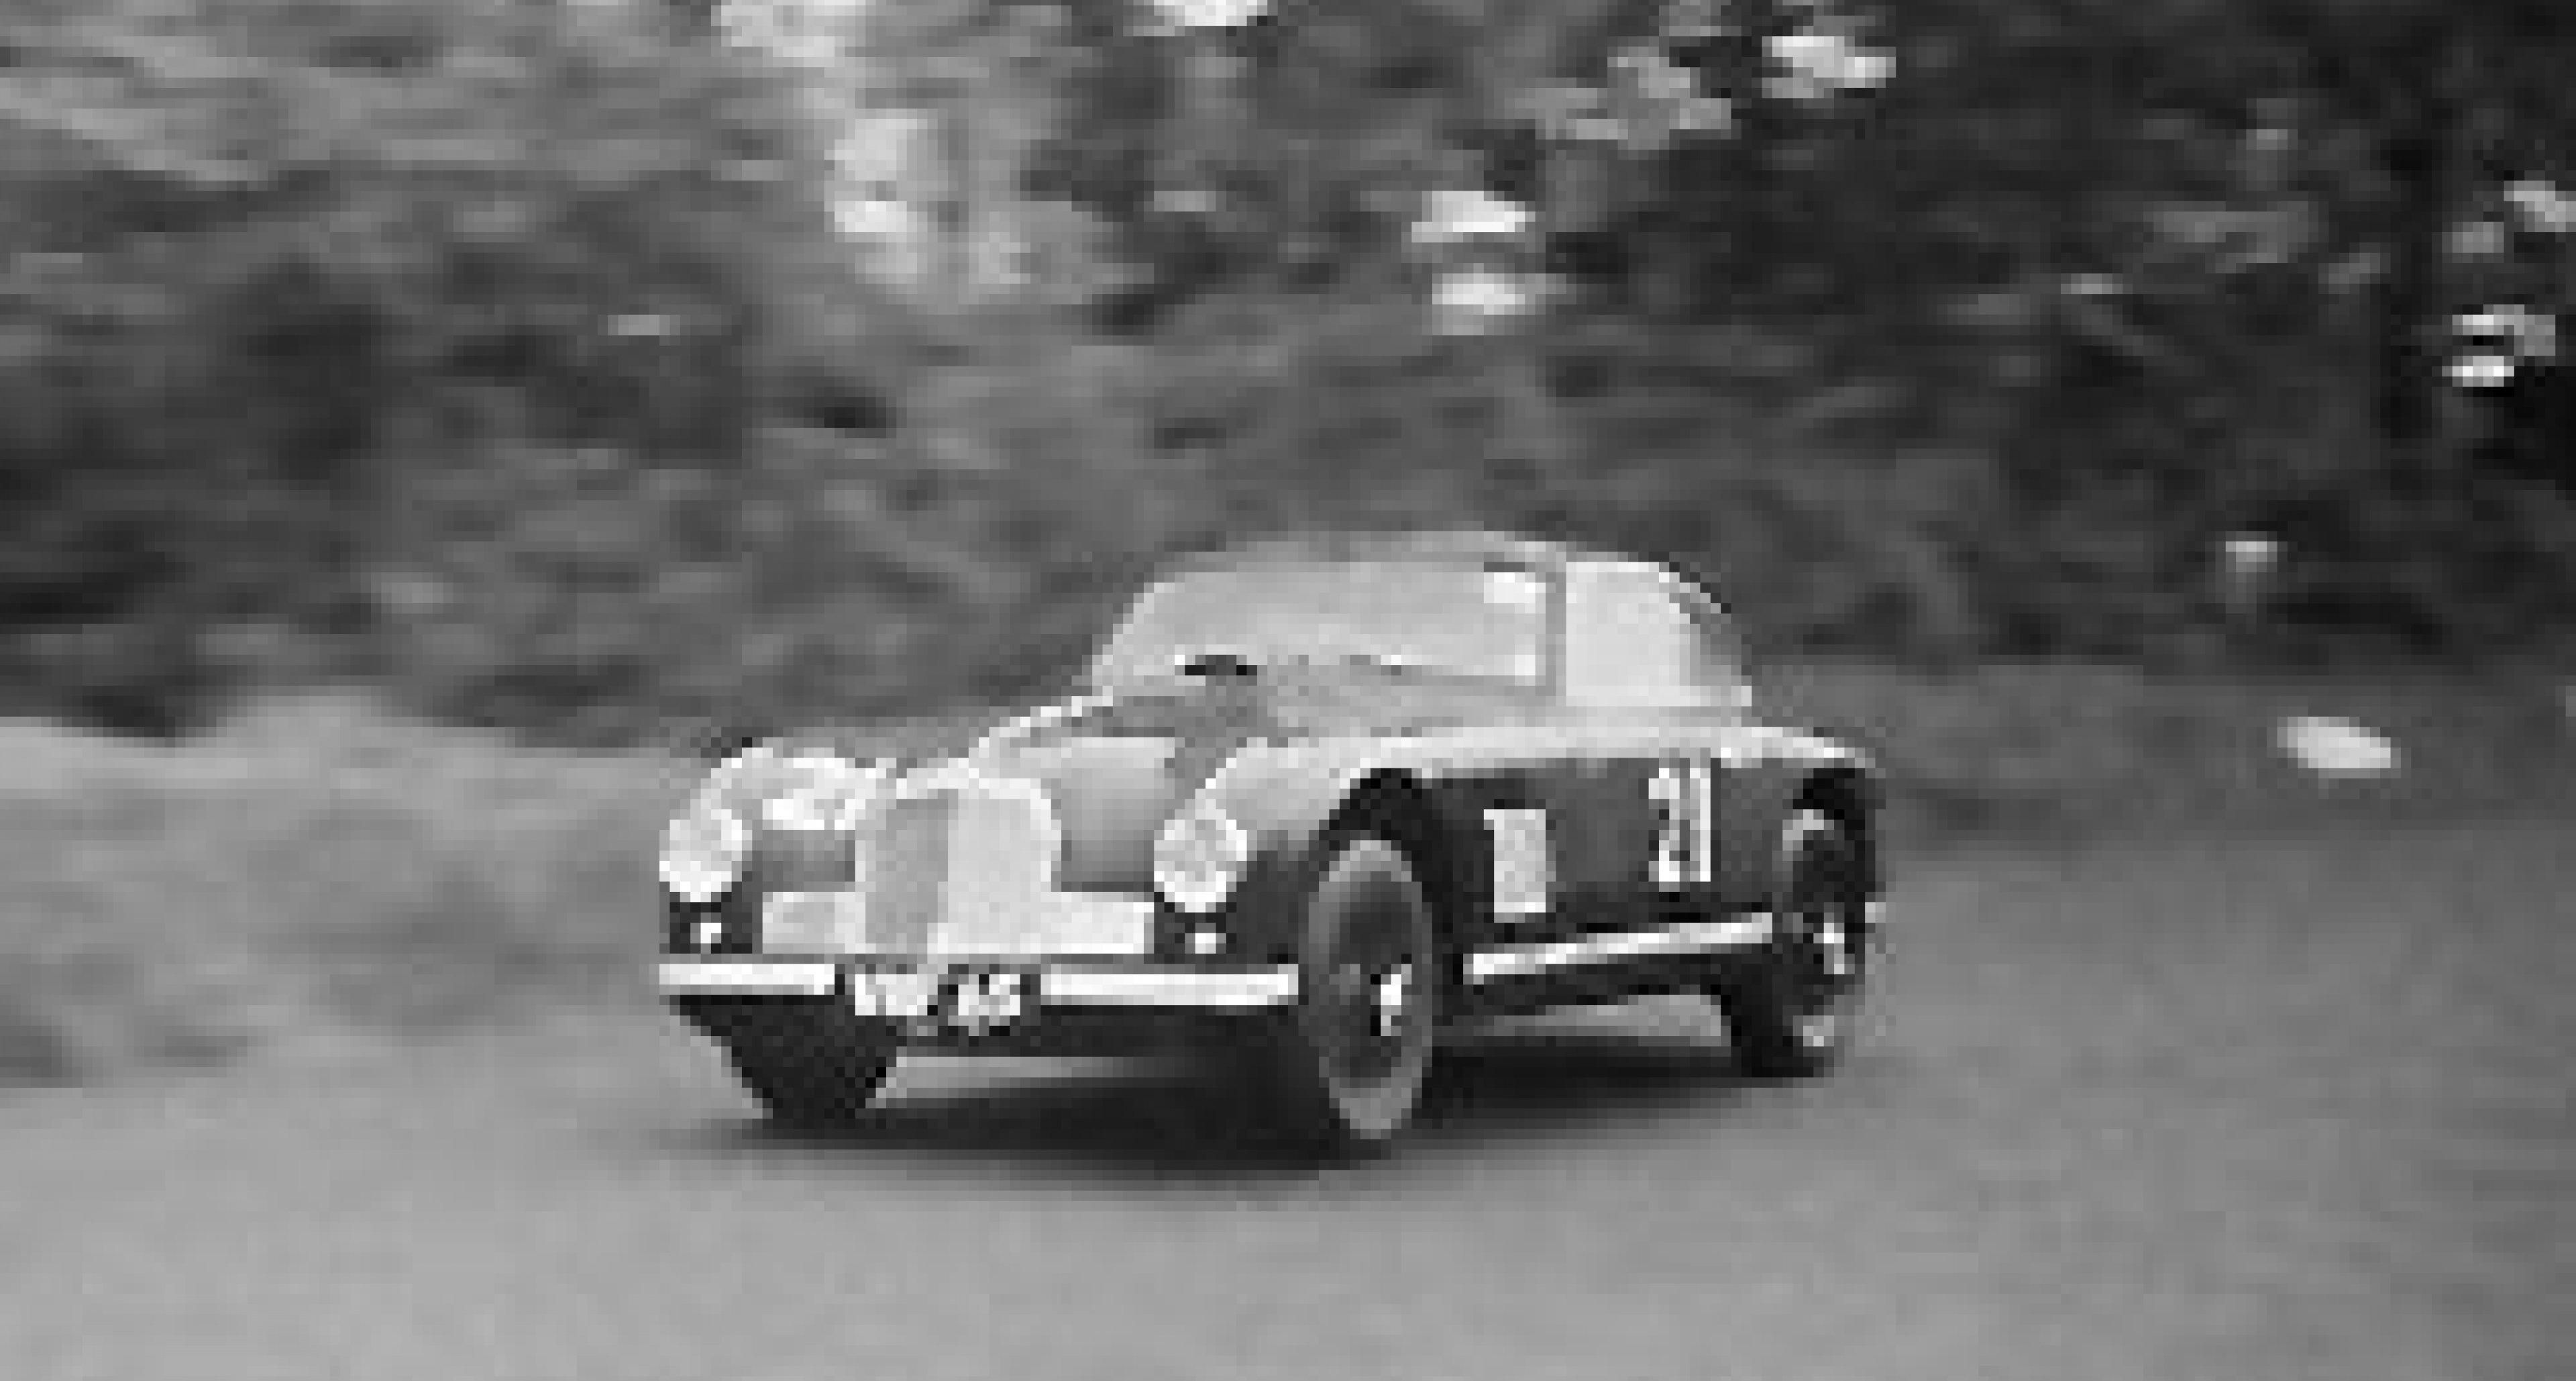 Bonhams to Sell 'VMF 65' at May Aston Martin Auction